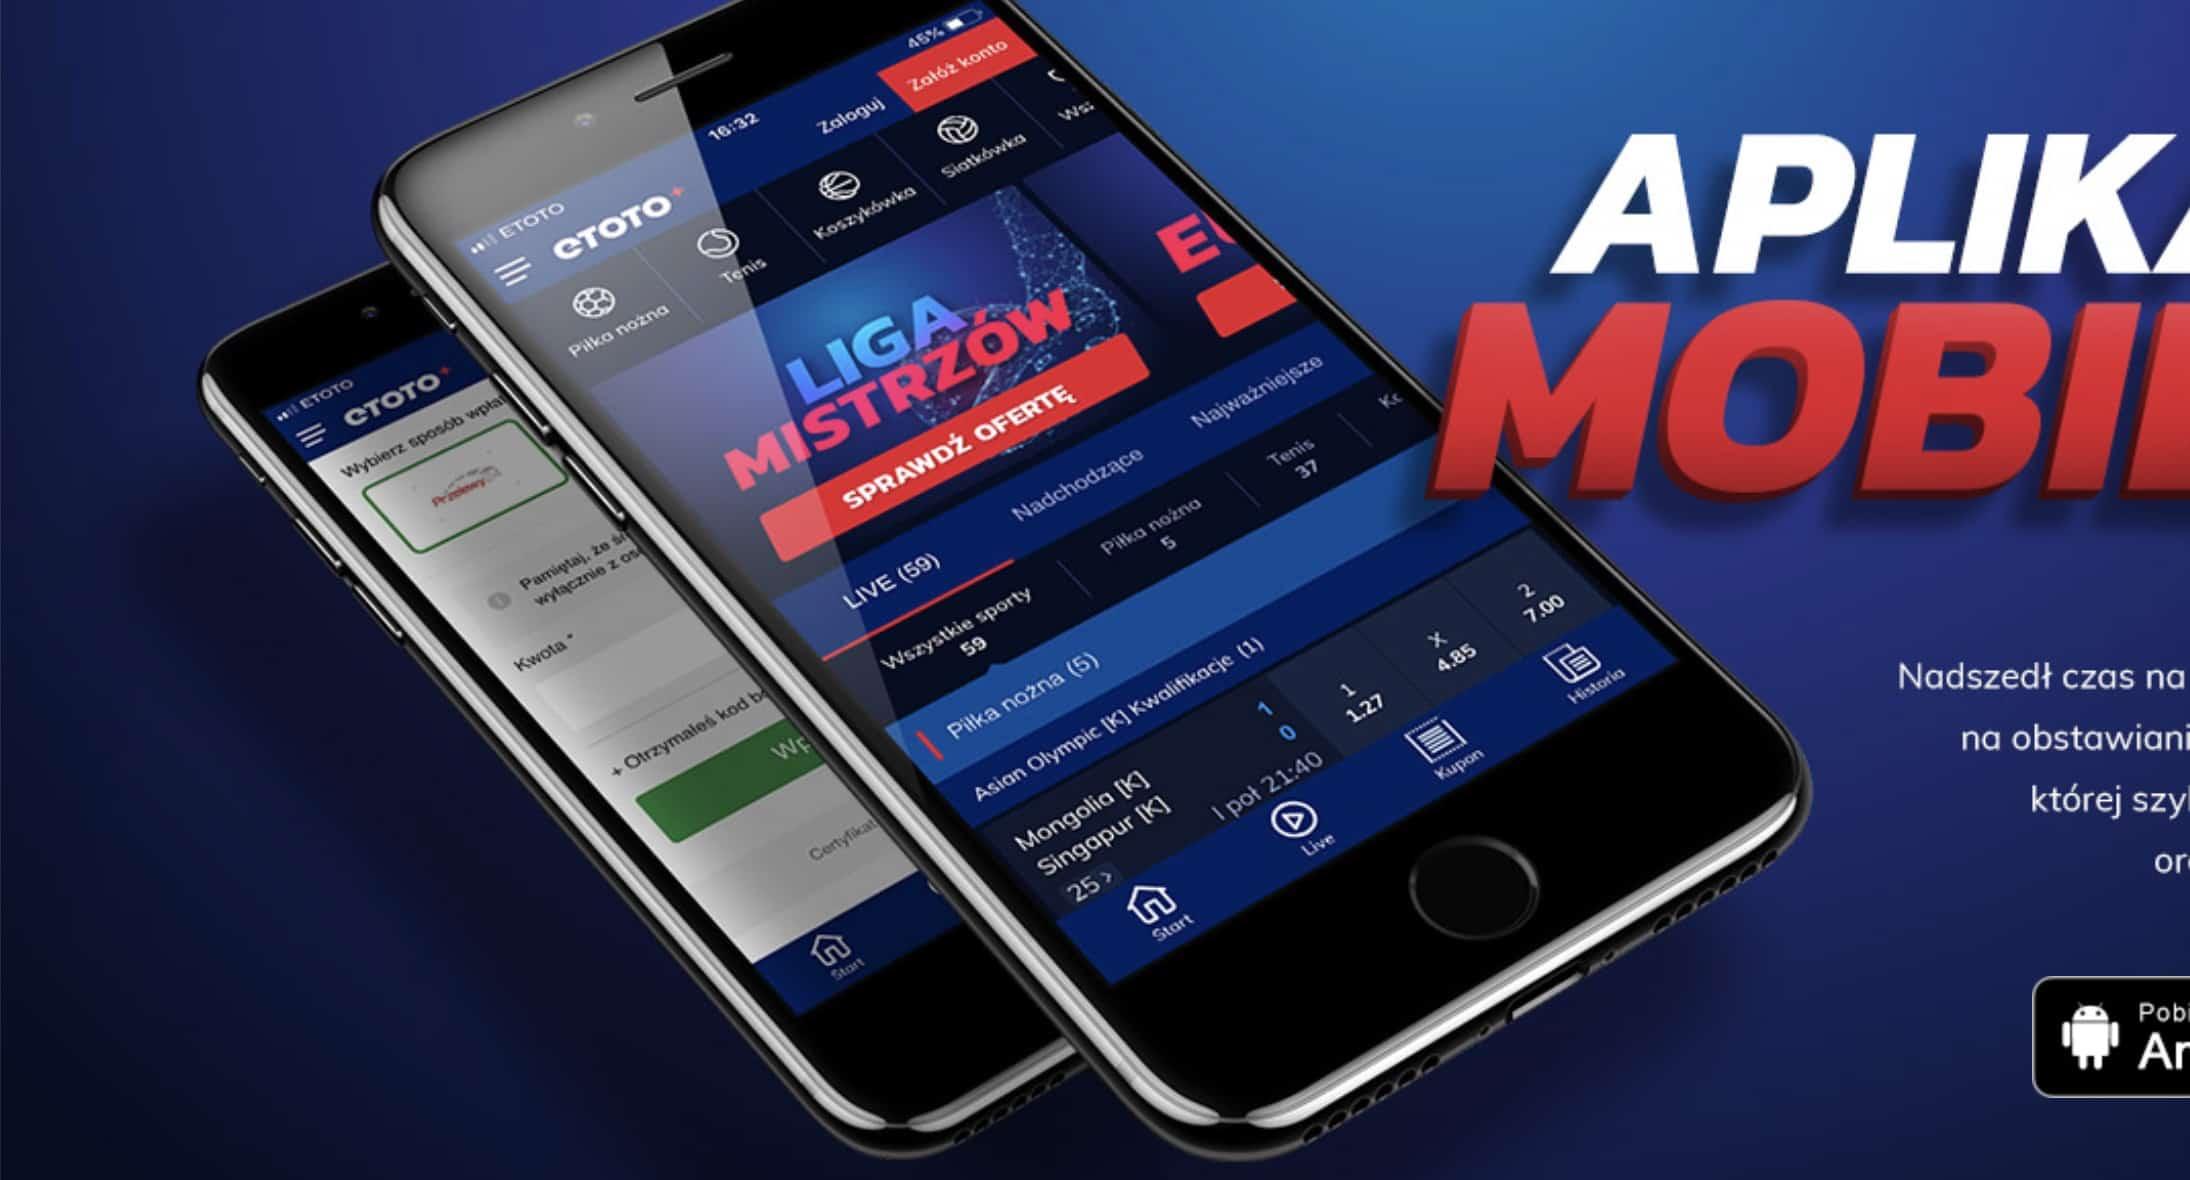 Etoto aplikacja mobilna. Obstawianie przez telefon